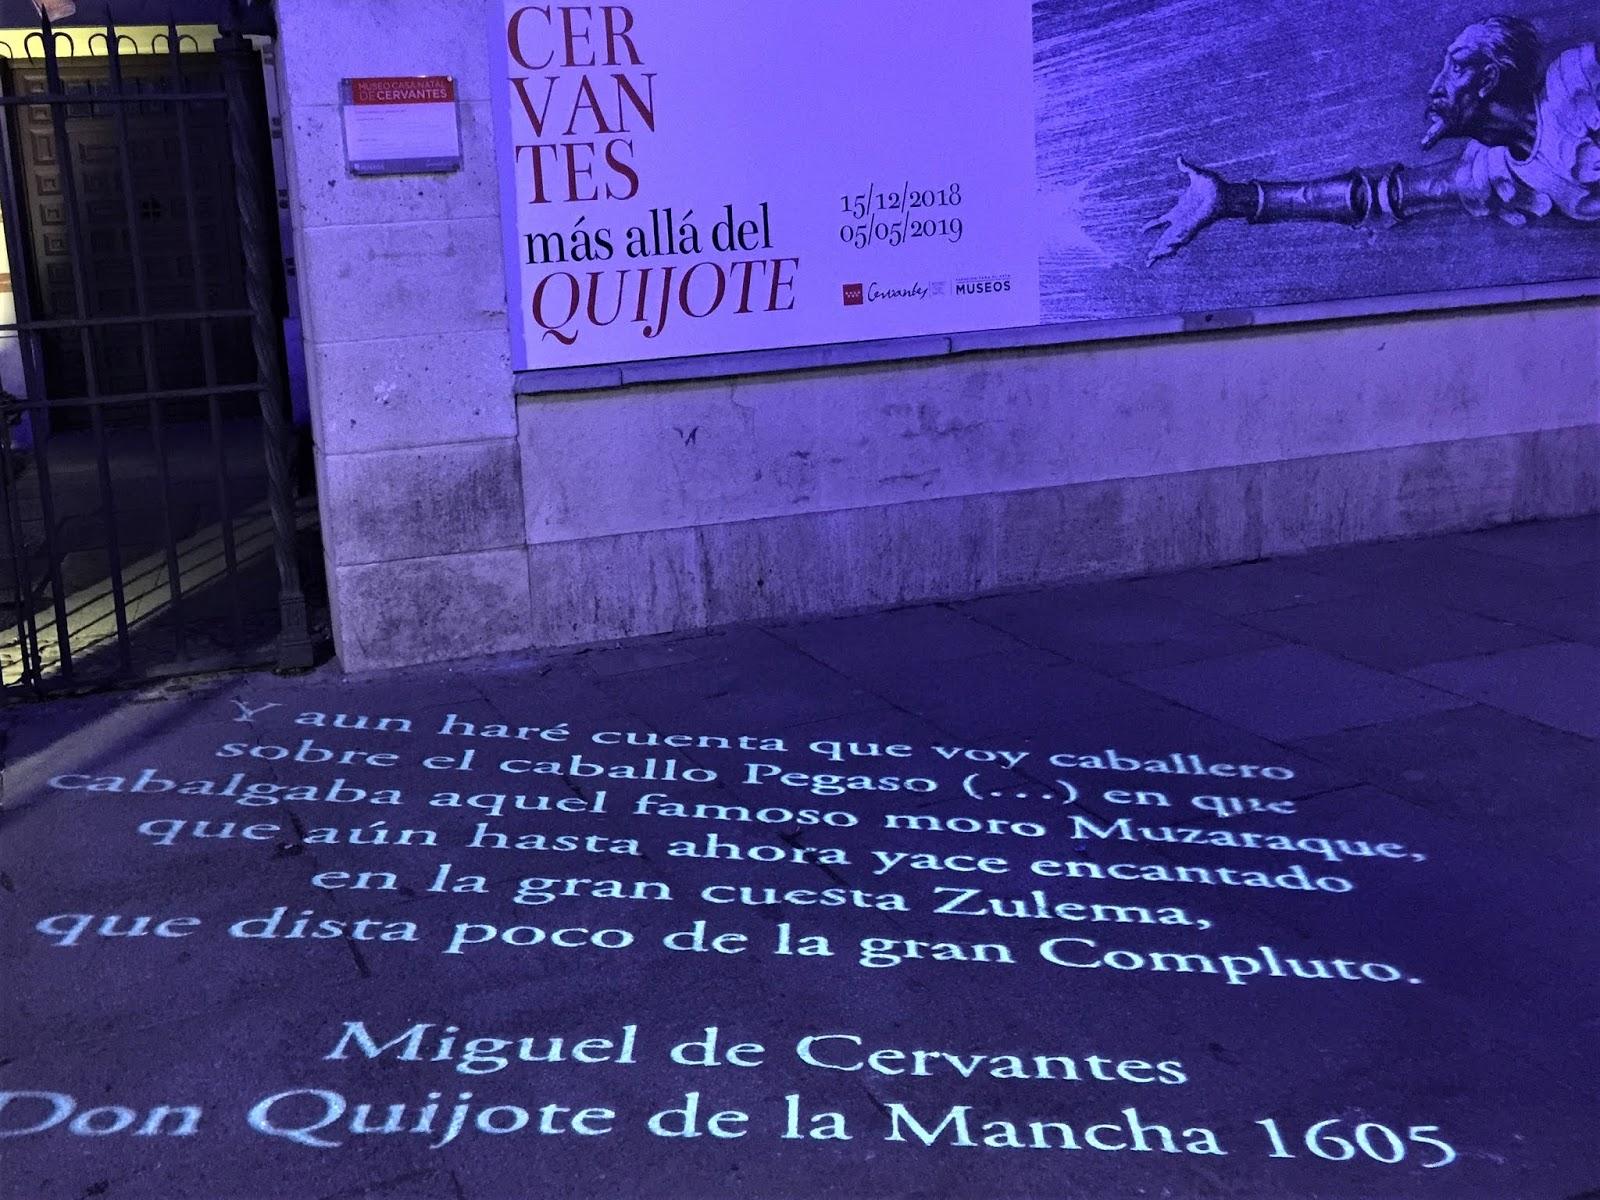 Versi di Cervantes proiettati sulla pavimentazione